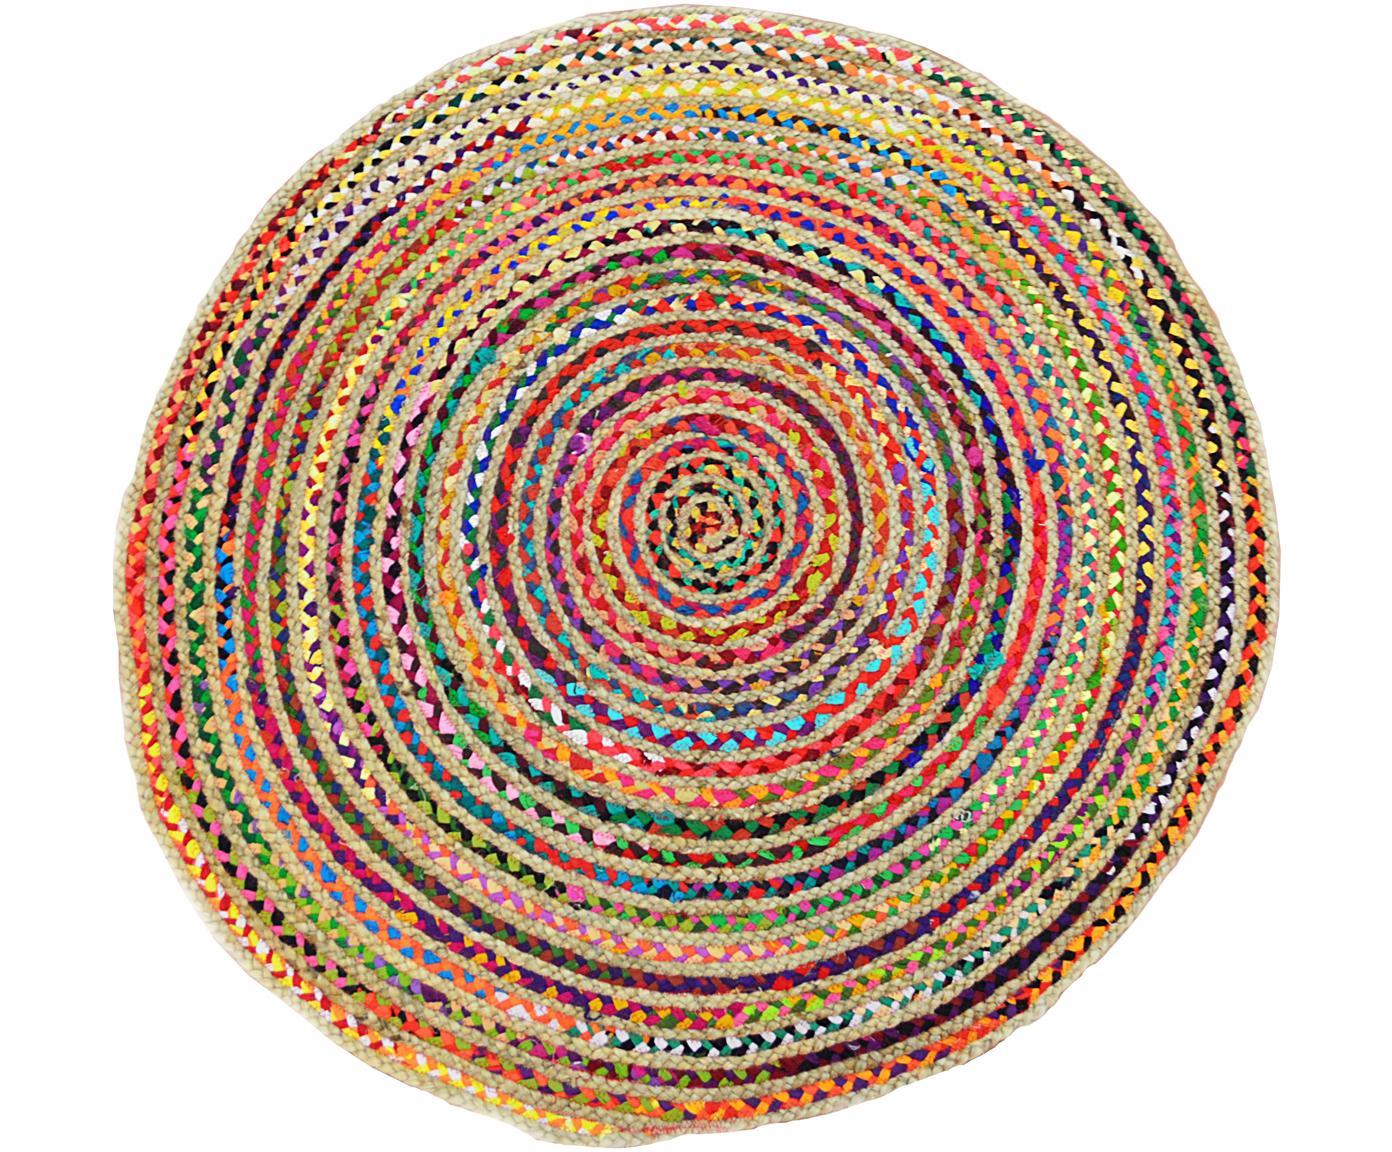 Bunter Jute-Teppich Roberta, rund, Jute, Baumwolle, Mehrfarbig, Ø 120 cm (Größe S)